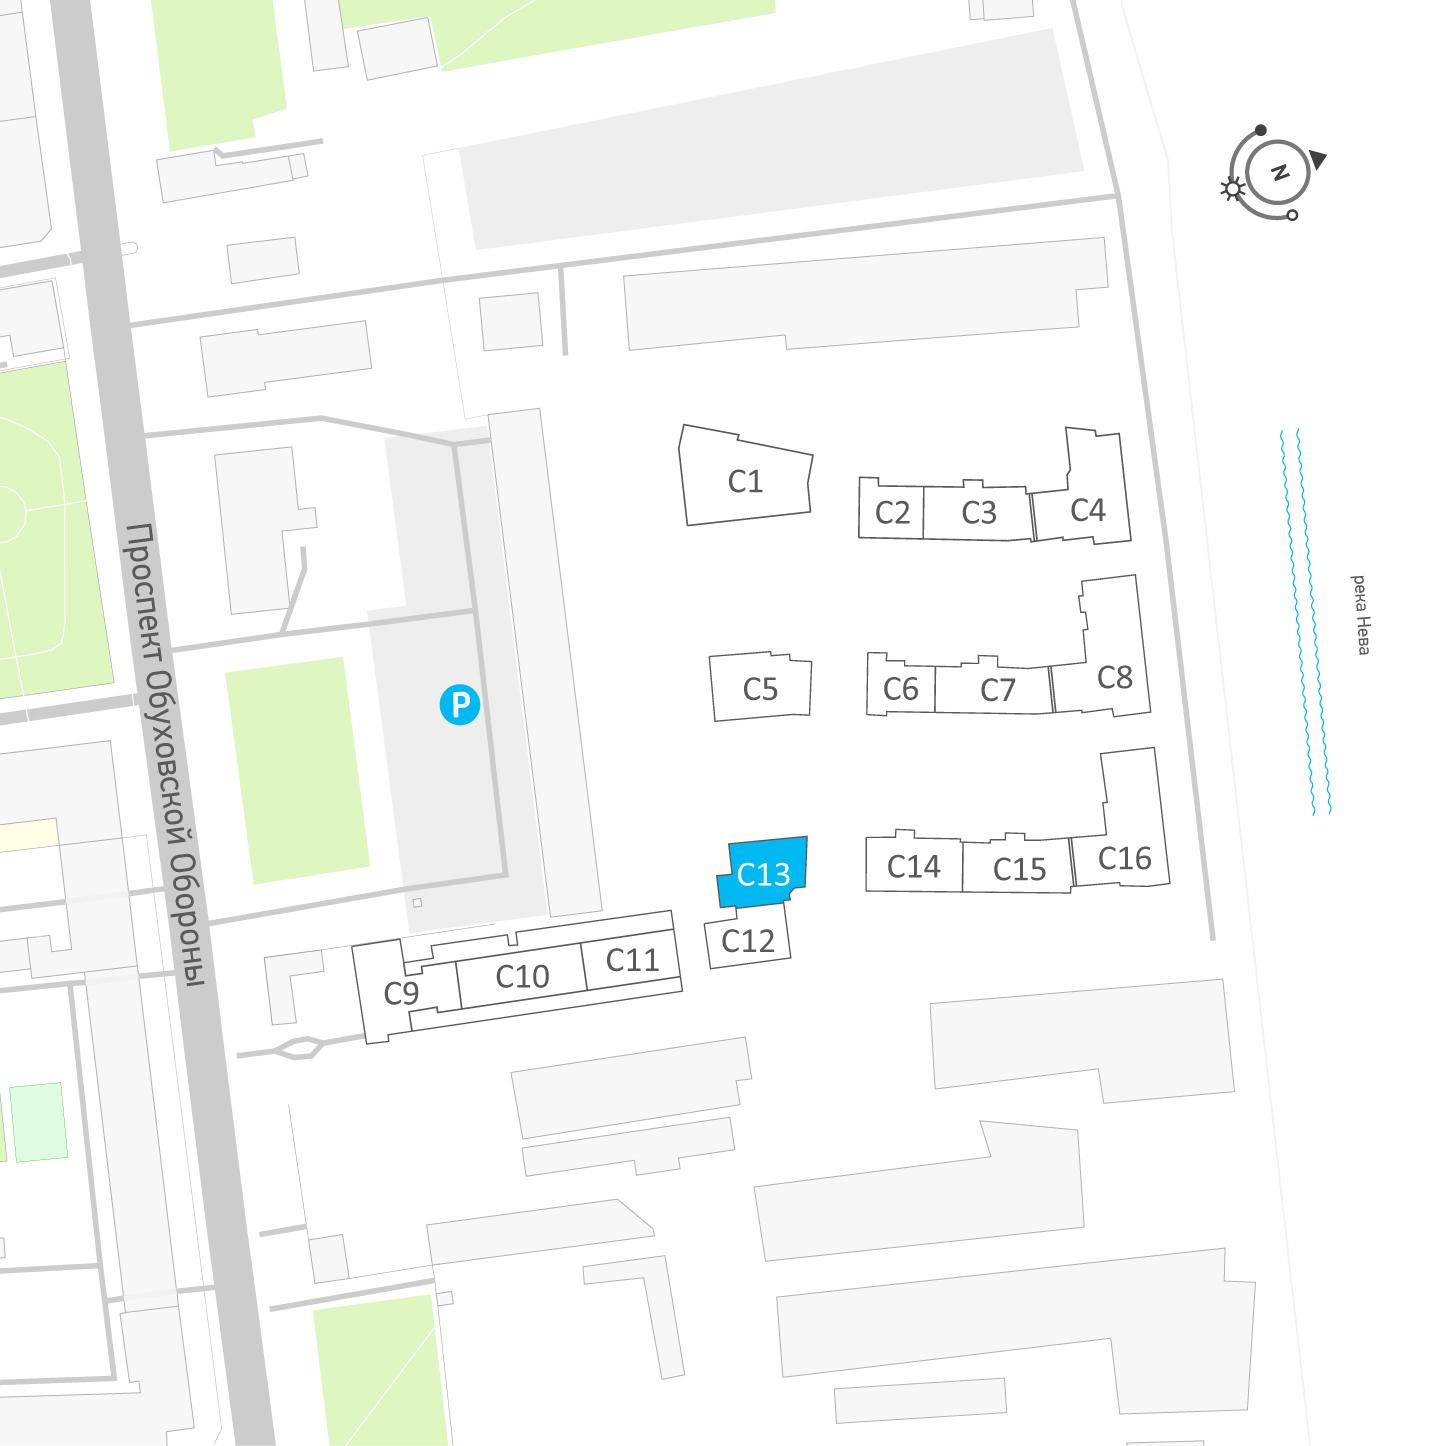 планировка однокомнатной квартиры в ЖК «Эталон на Неве» №251